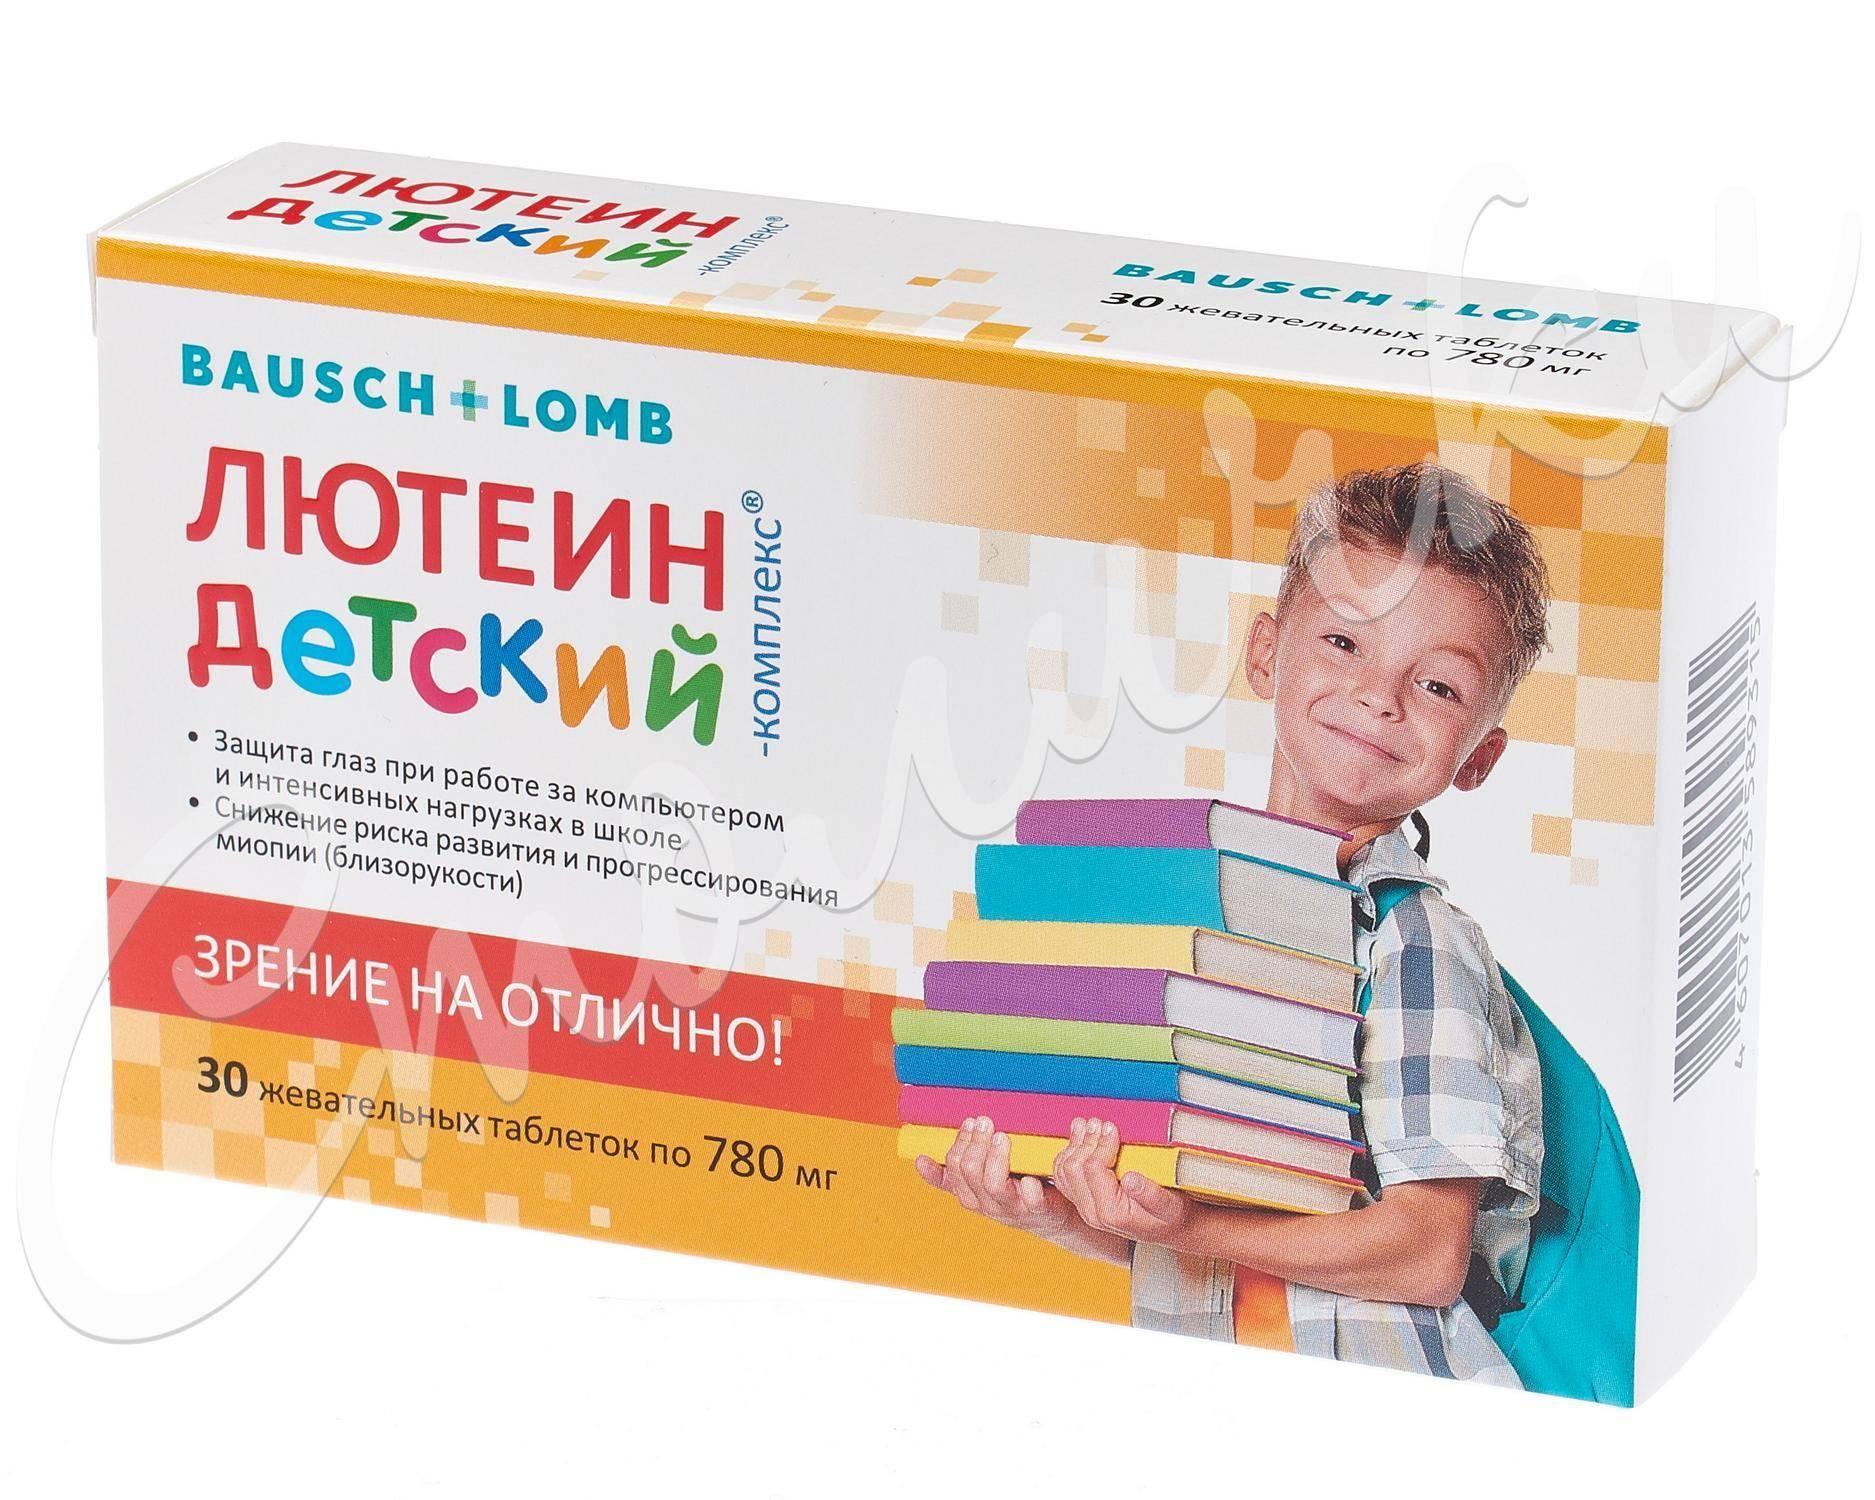 Сколько стоит детский лютеин комплекс и когда его назначают врачи?